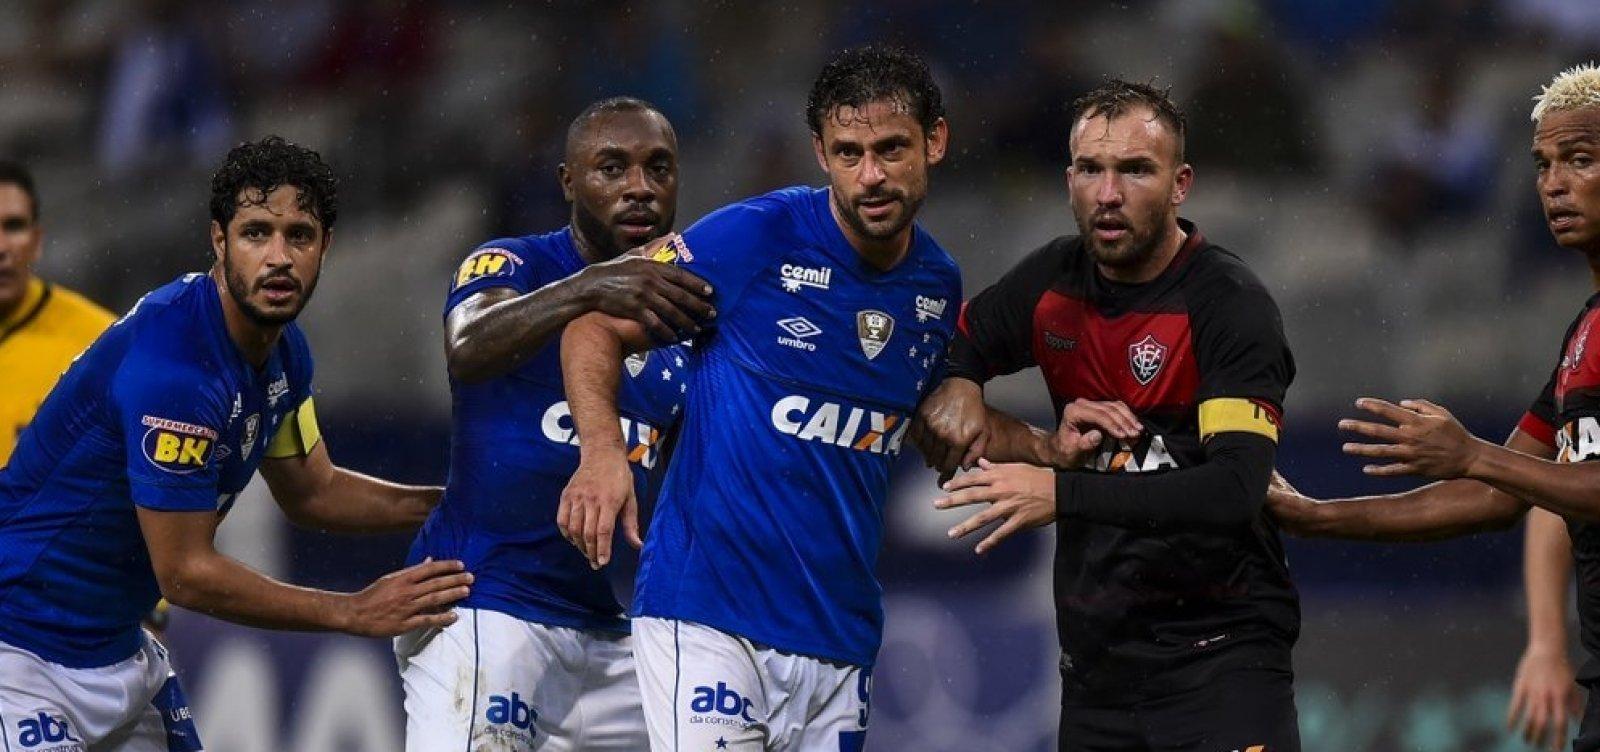 [Vitória perde para o Cruzeiro por 3 a 0 e vê Série B cada vez mais próxima]